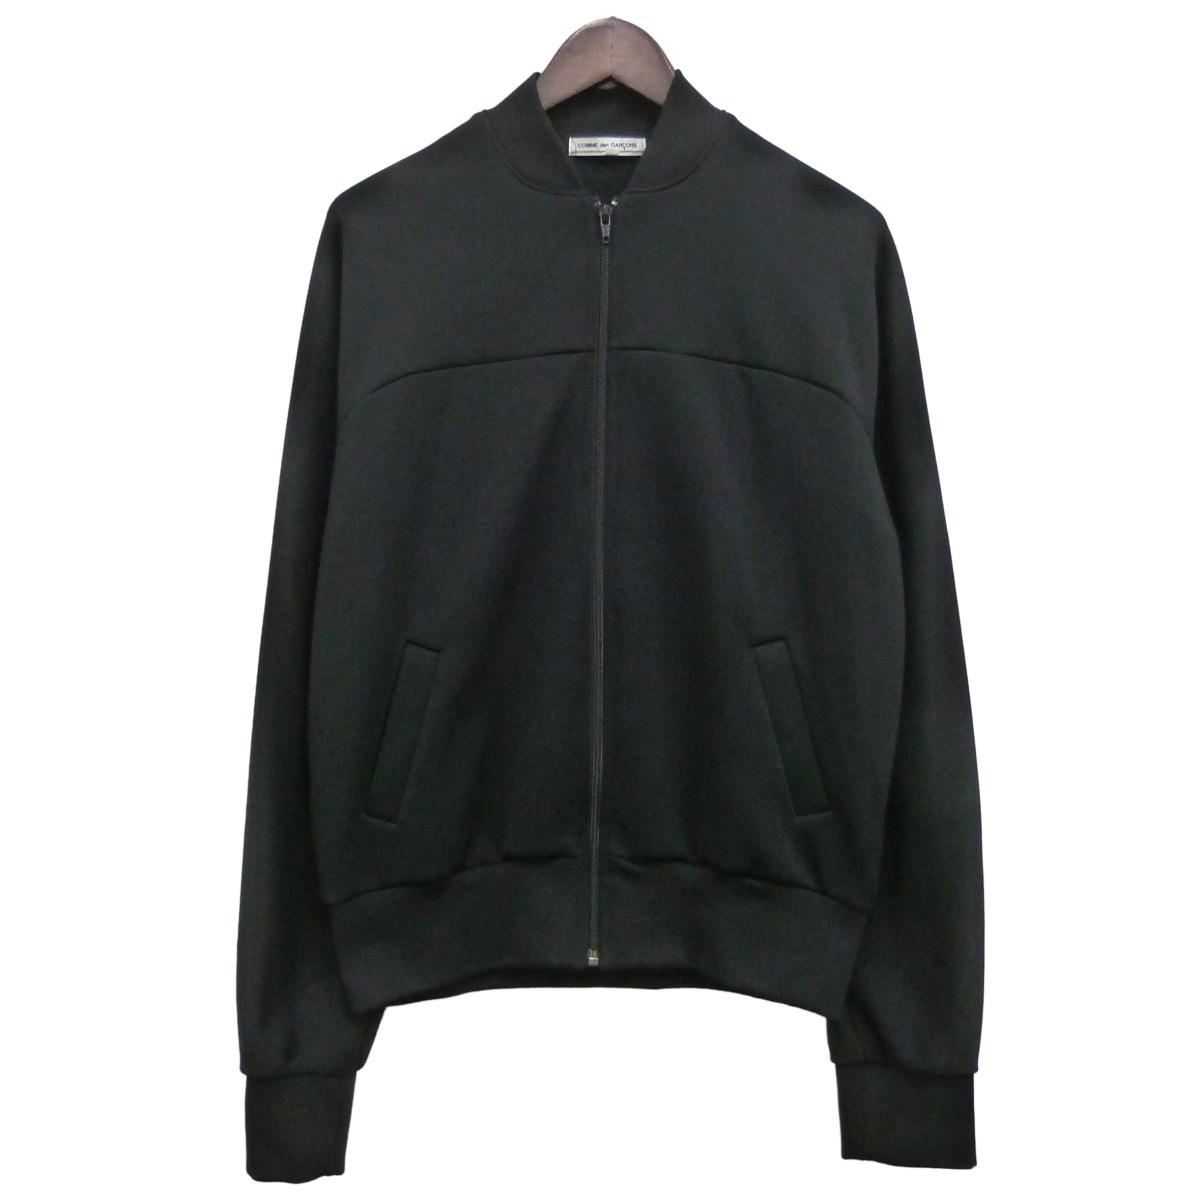 【中古】COMME des GARCONS ポリエステルトラックジャケット ブラック サイズ:L 【280320】(コムデギャルソン)